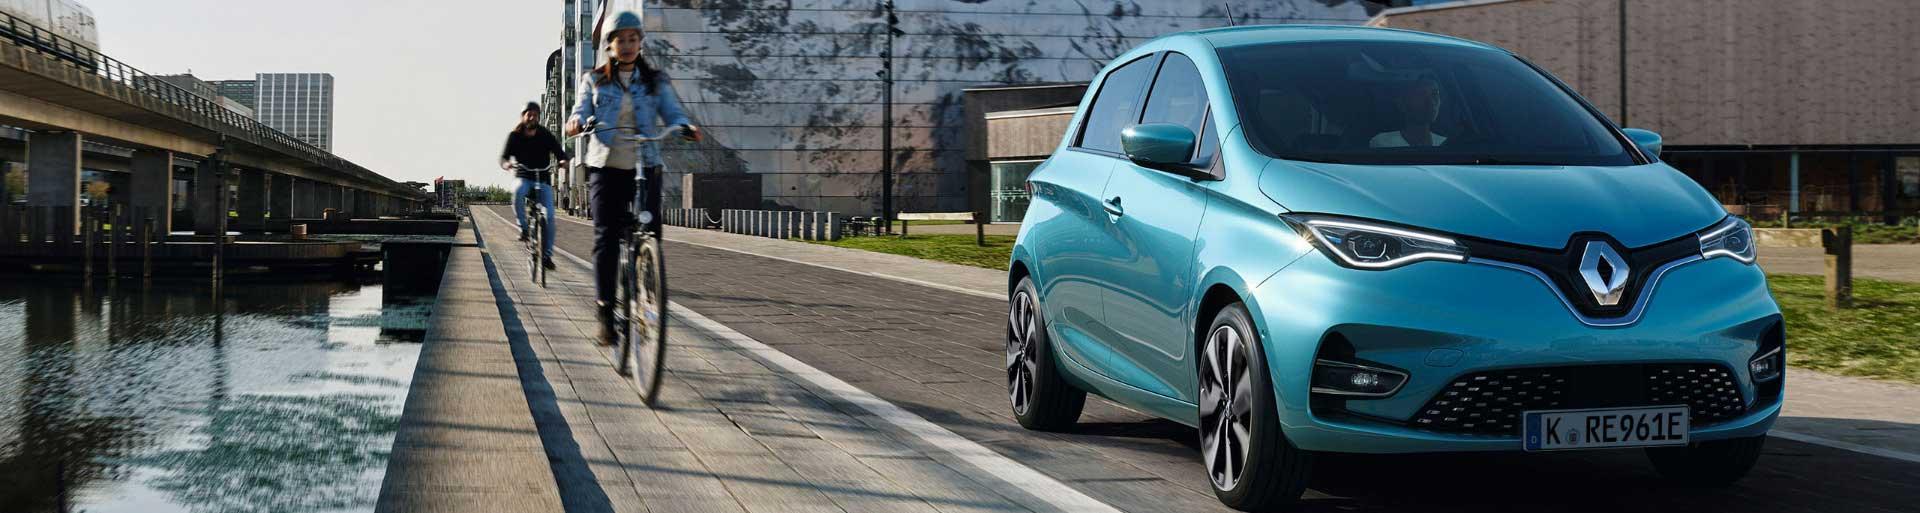 Jetzt abonnieren - das flexible Renault Abo!